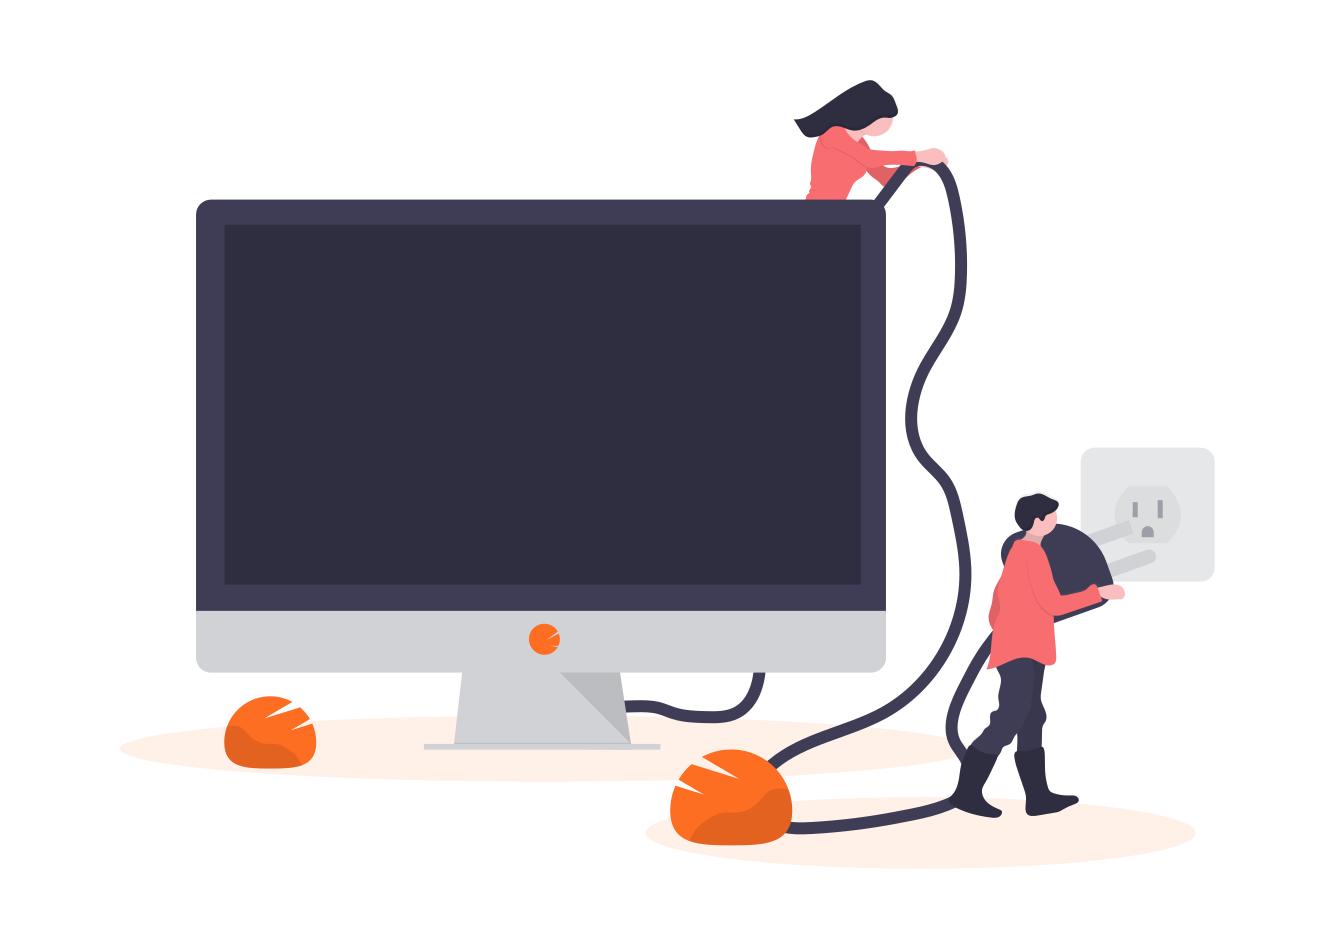 Ilustração - UPlaces automatização de processos